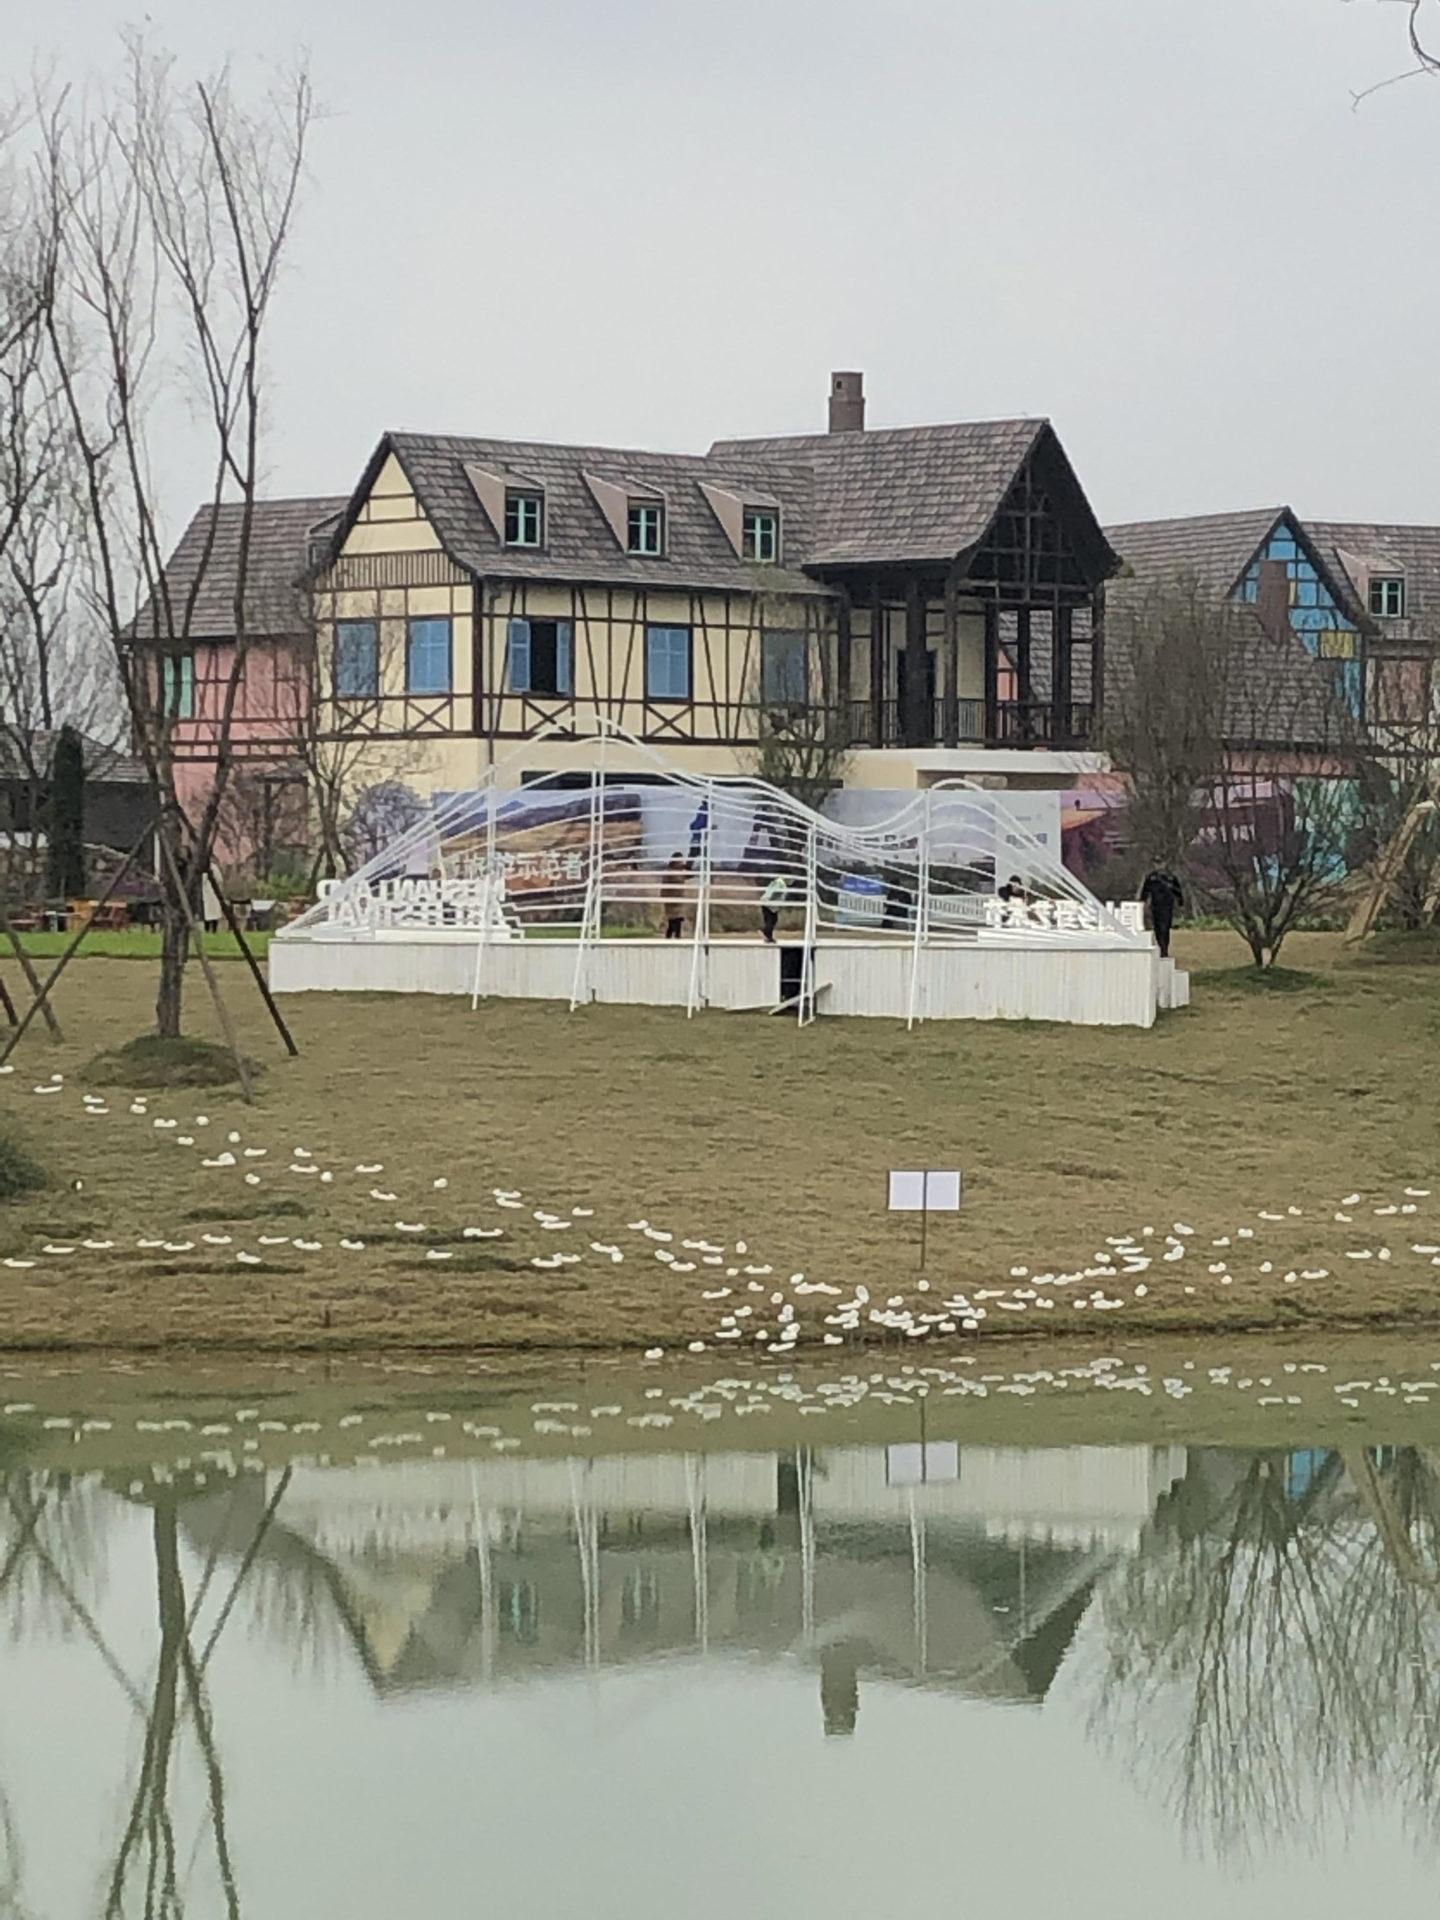 【亞太博物館連線專欄】中國鄉村振興:一場進行中的大地藝術